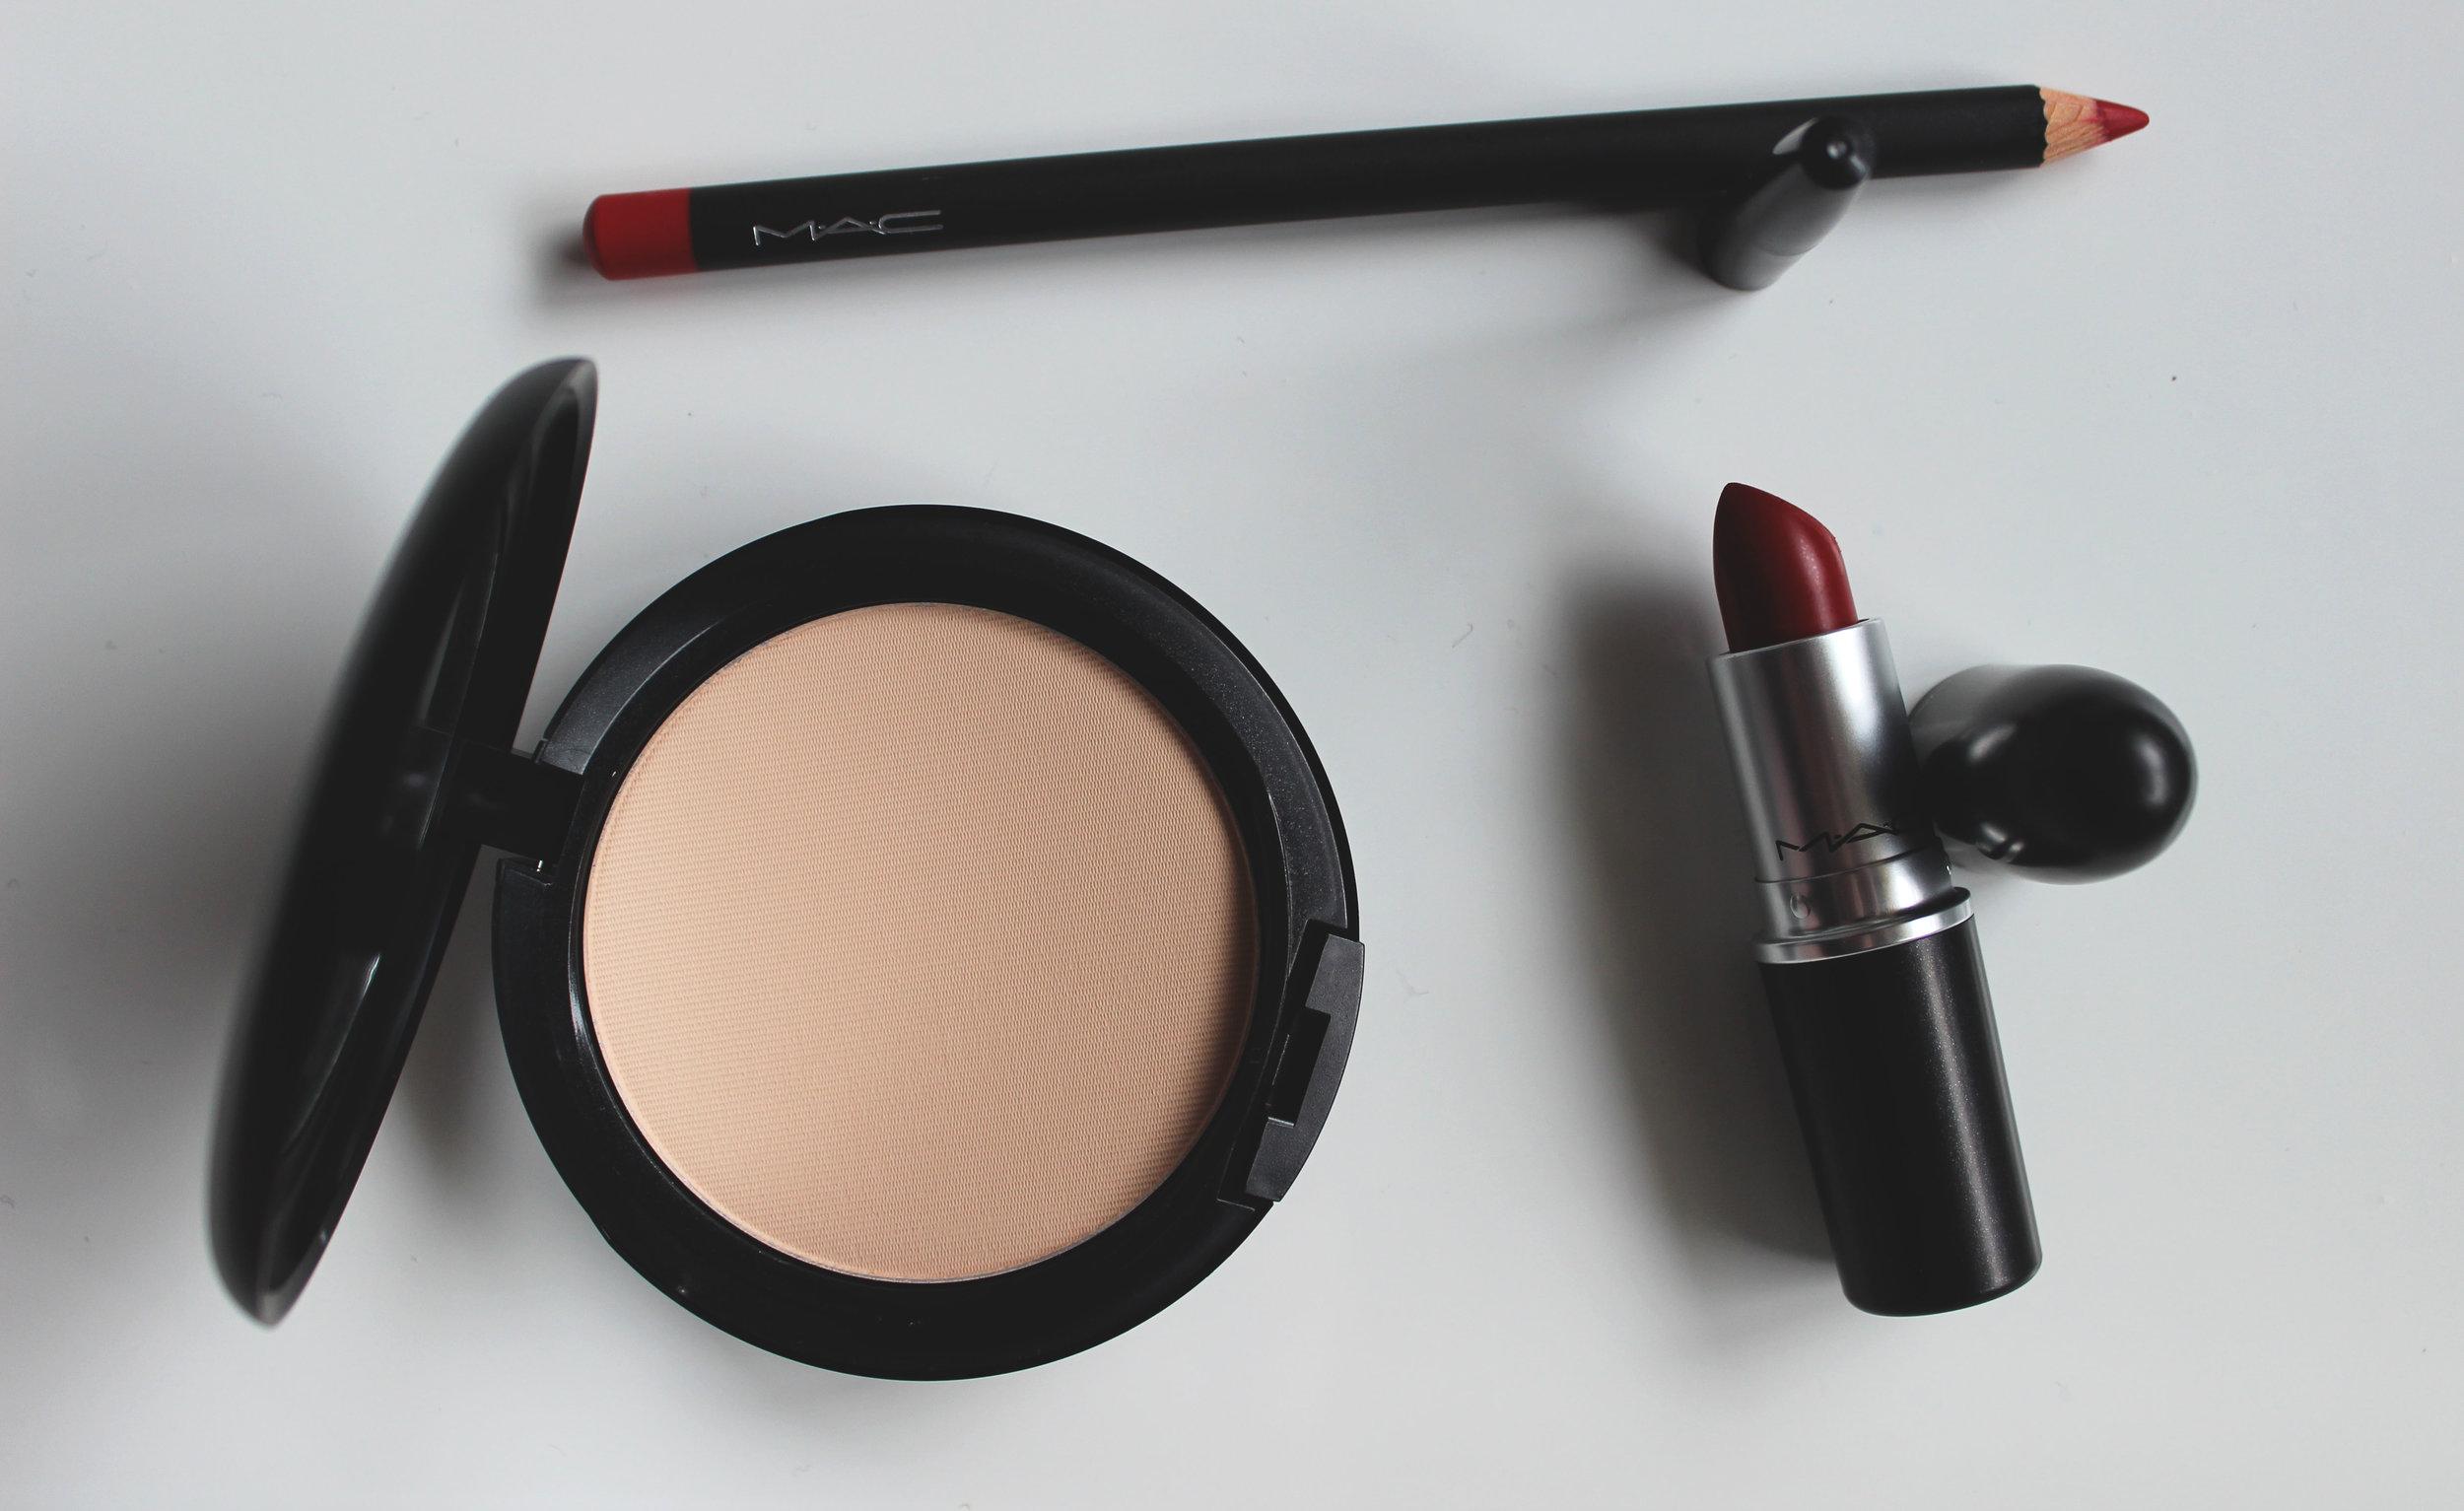 MAC Cosmetics Mini Haul | EmmaLouisa.com